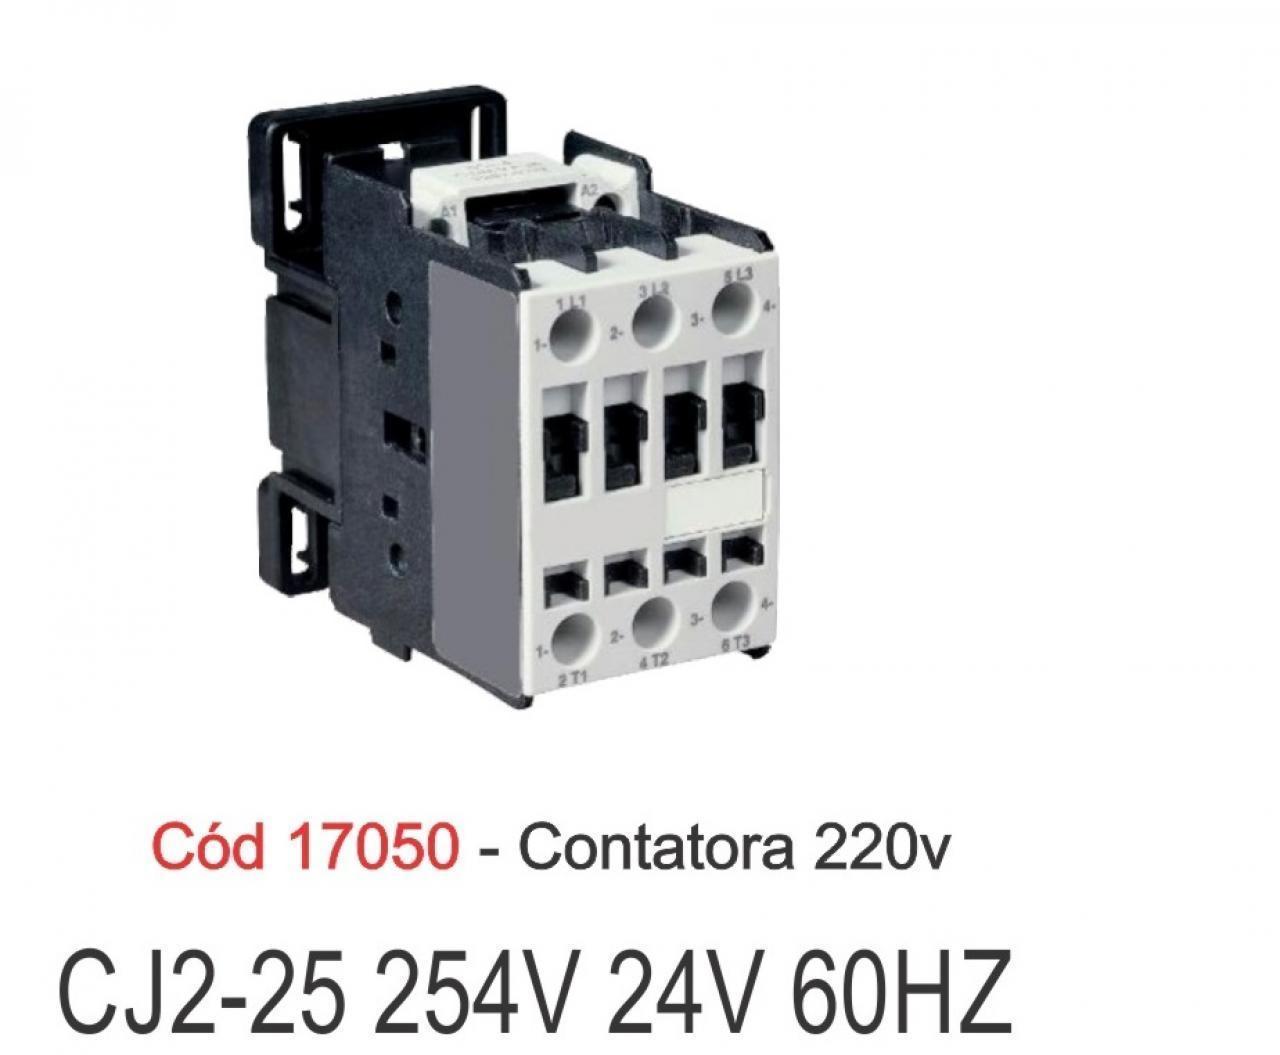 CONTATORA CW07.10 220V 2V  (WEG)